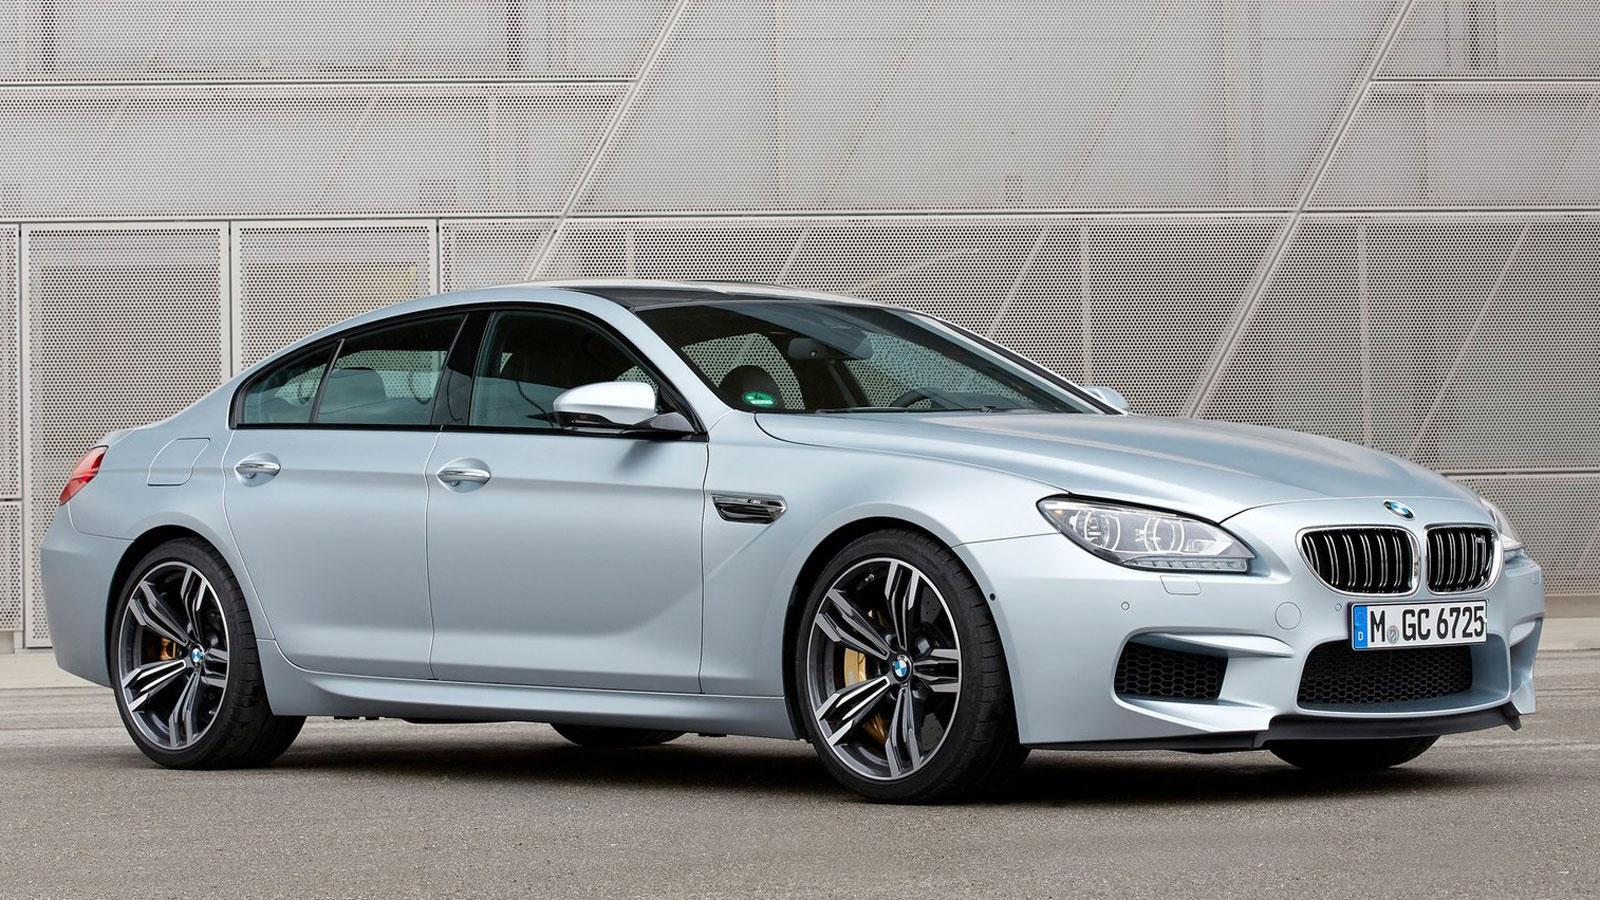 BMW M3 y M6 Gran Coupé, cuestión de tamaño